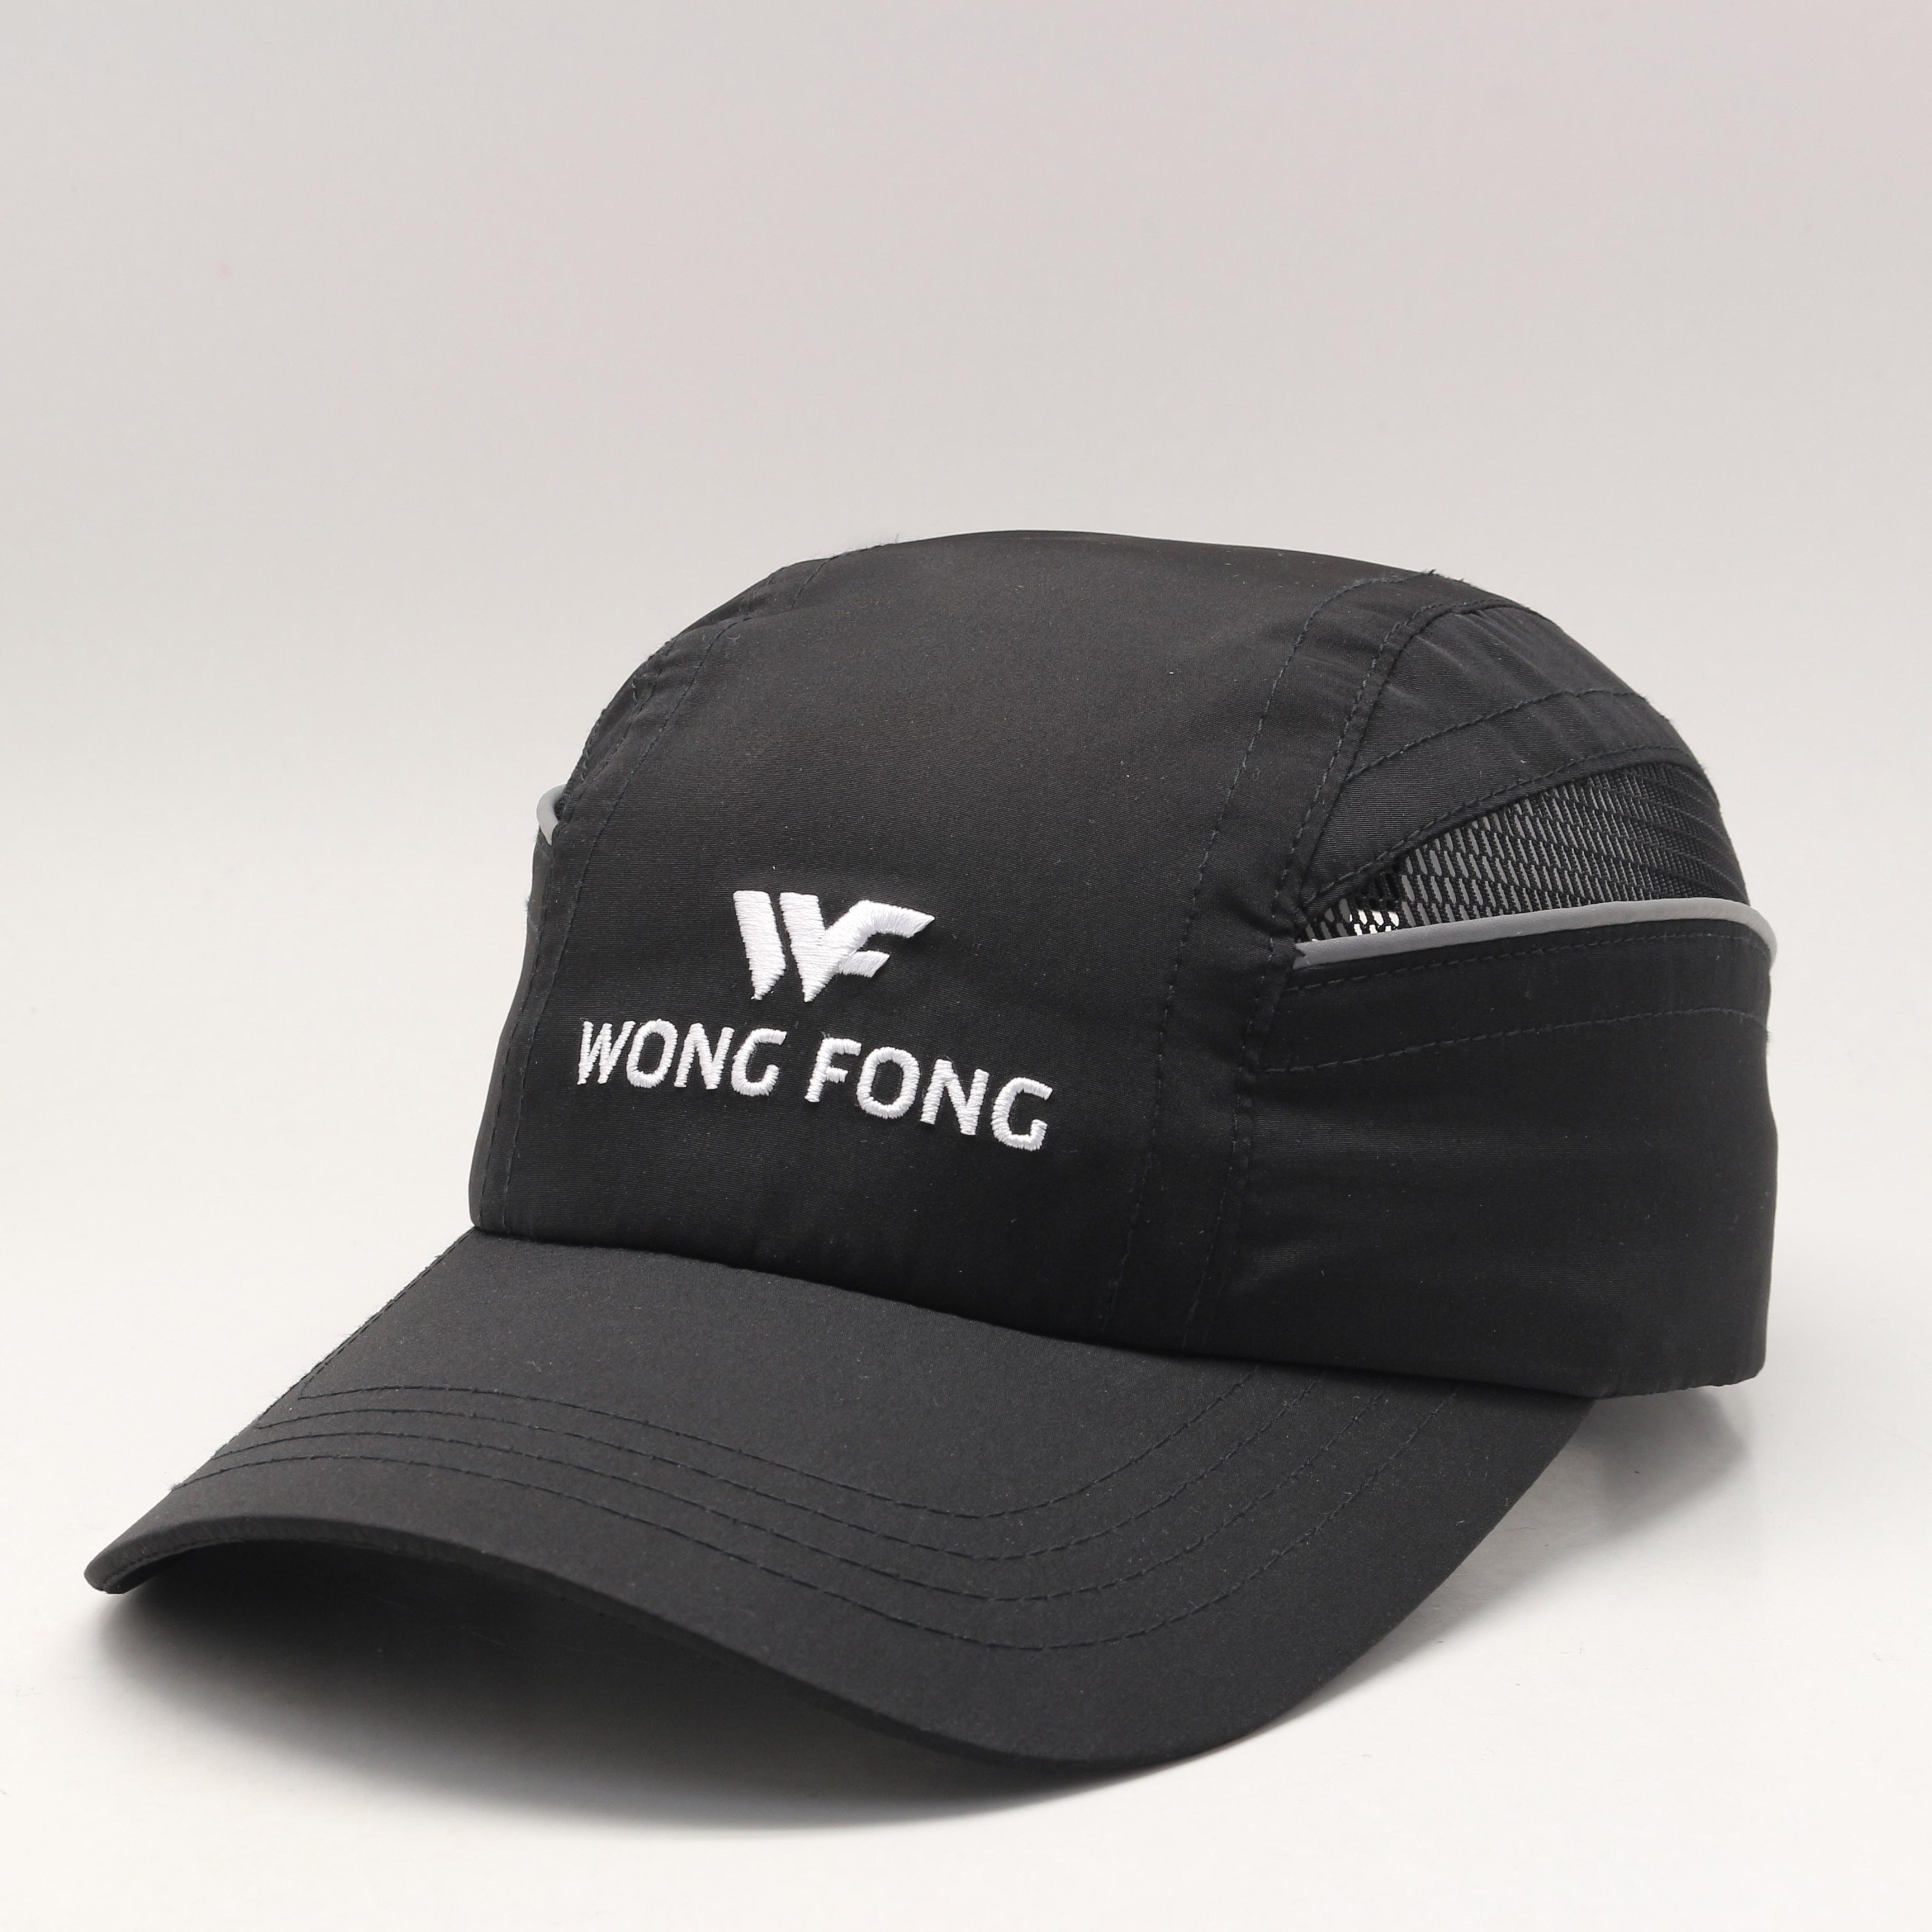 최고의 건조 맞는 메쉬 스포츠 모자 사용자 정의 남성 테니스 실행 모자/캡